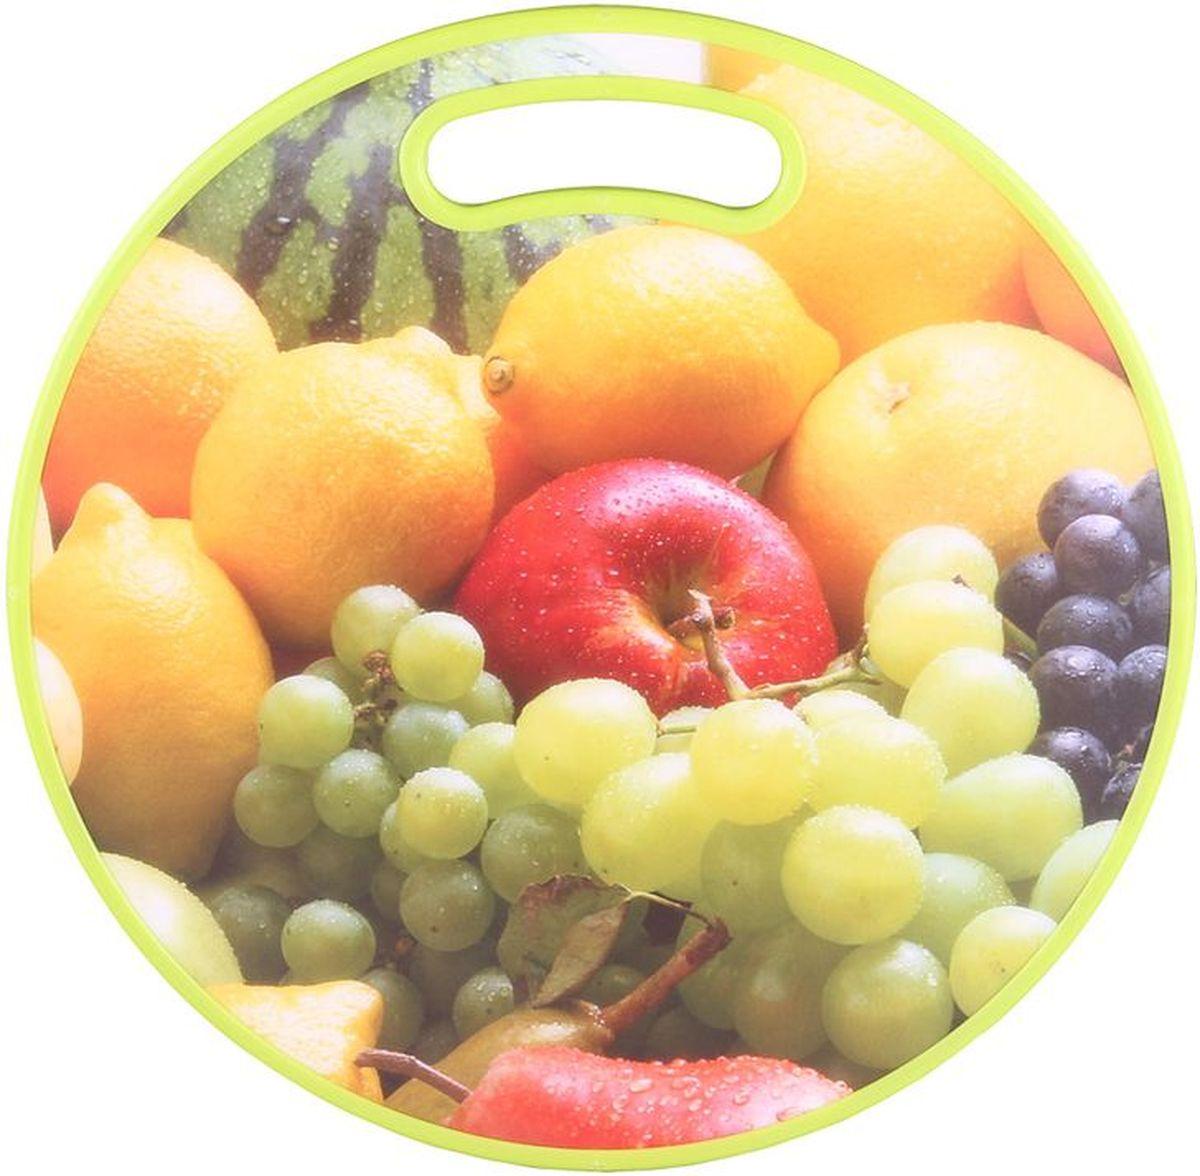 Доска разделочная D=35 см PATRICIAIM99-4712Разделочная доска в основном служит для нарезания продуктов питания,так же можно использовать как подставку под горячие сковороды.Разделочная доска является неотъемлемым атрибутом любой кухни.